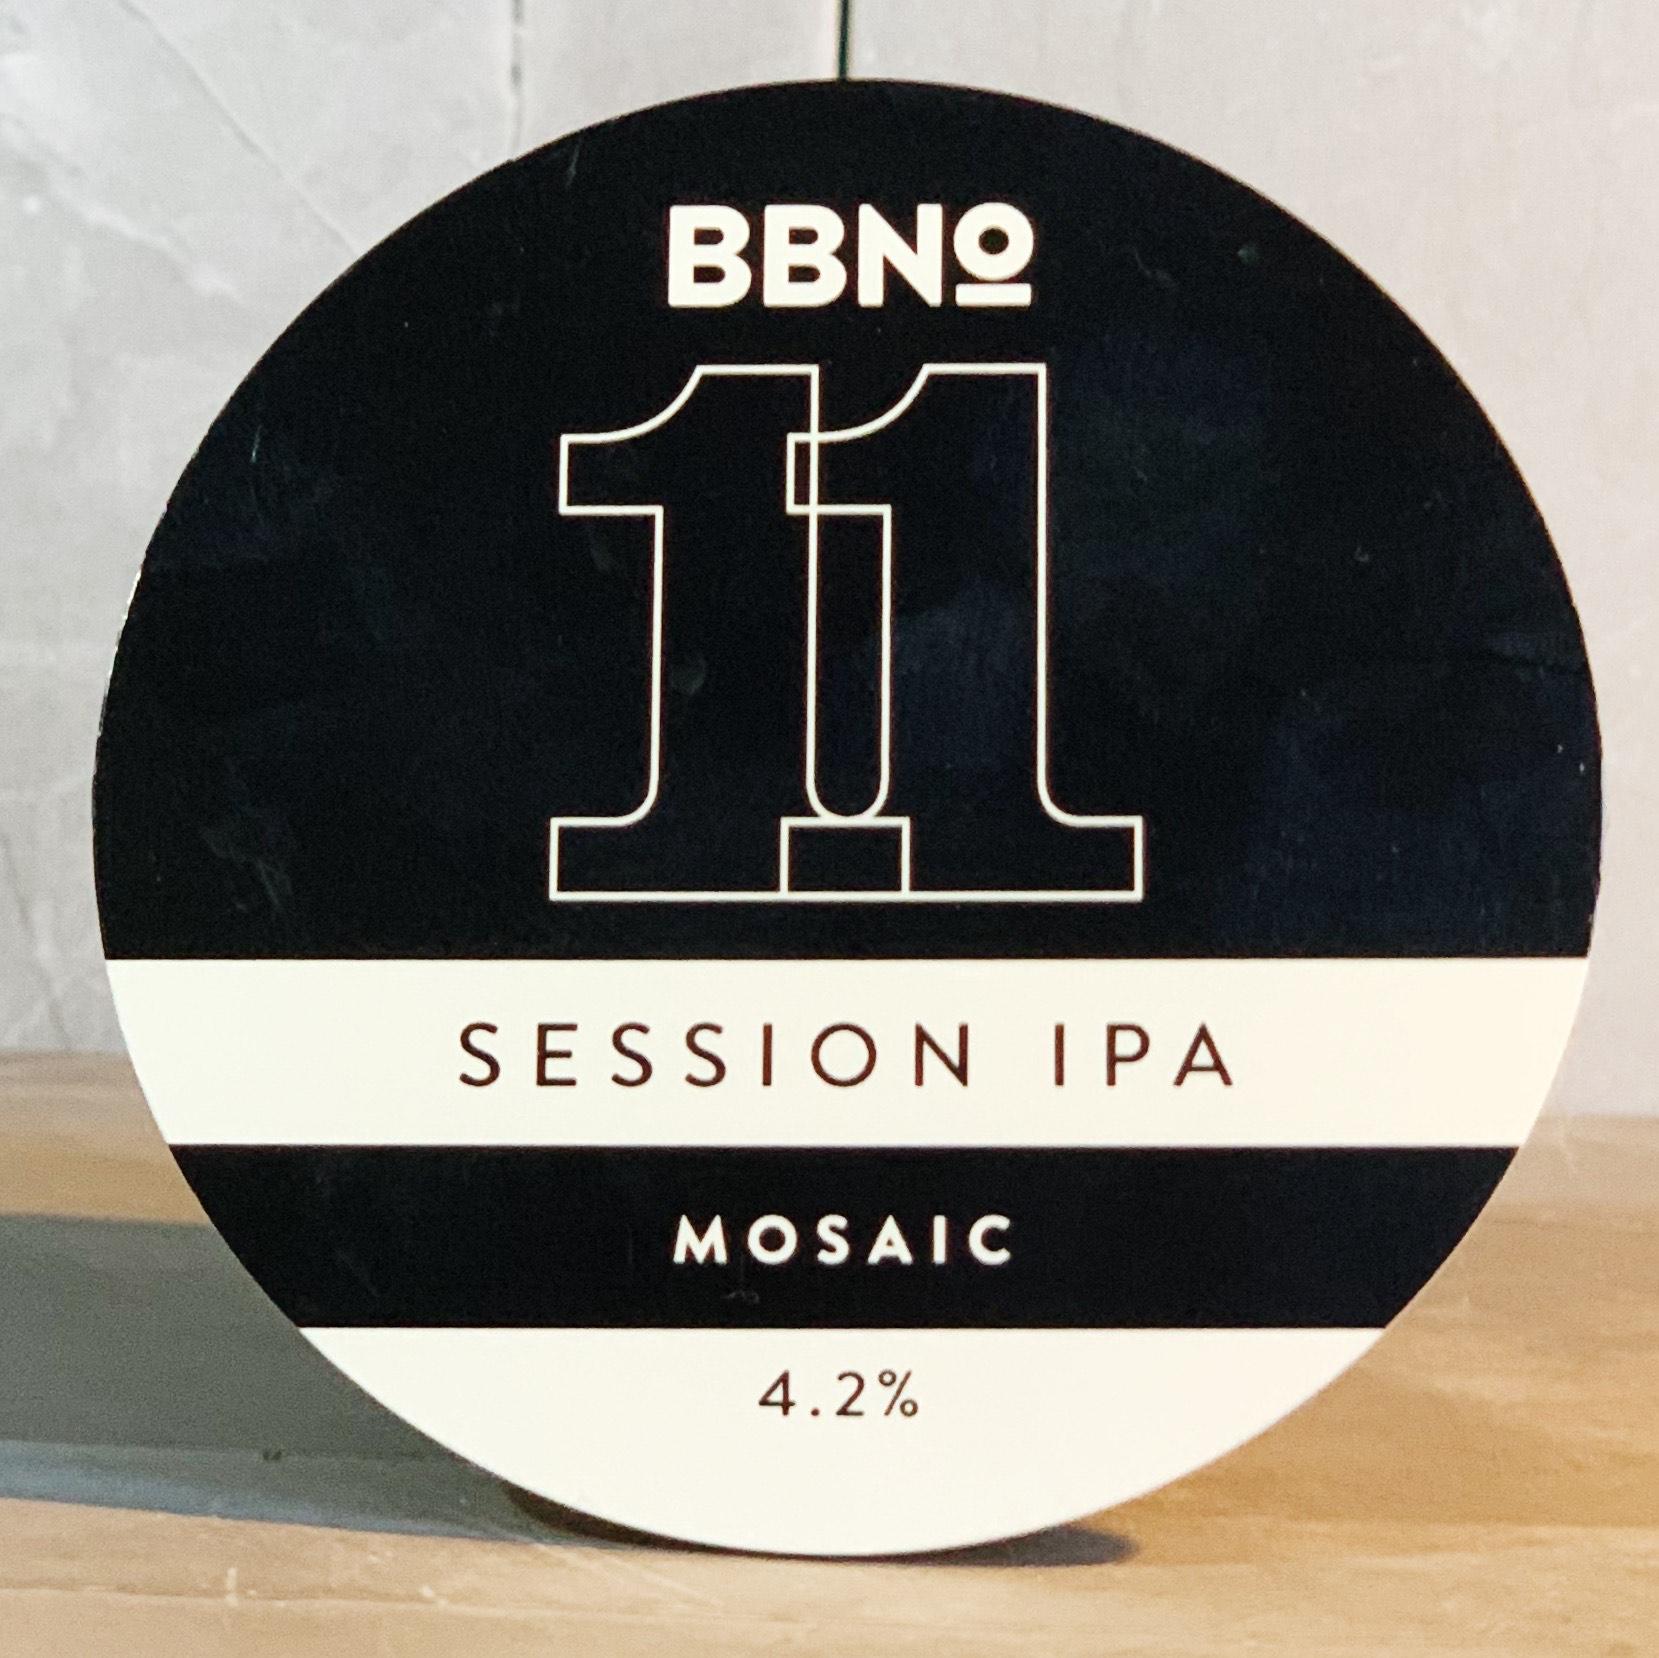 2 PINT FROM KEG | BBNO | MOSAIC | SESSION IPA | 4.2% ABV